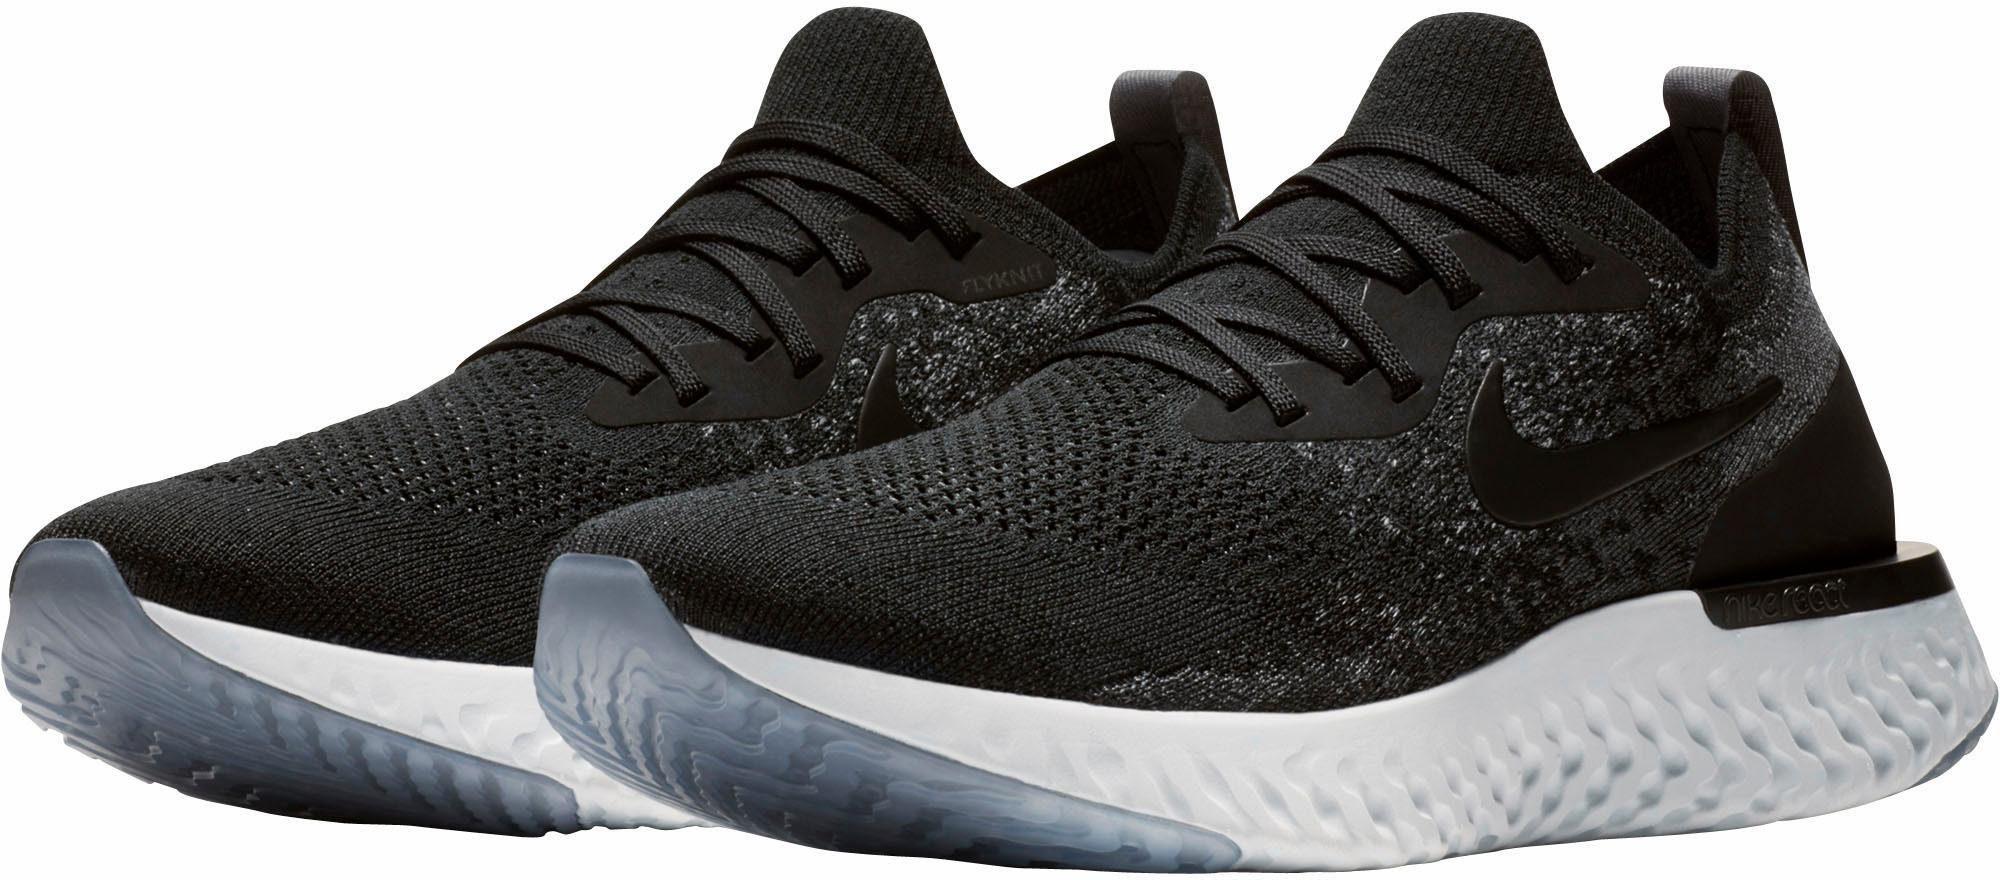 Nike Sportswear »Wmns Viale« Sneaker, Schlichter Damen Sneaker von Nike online kaufen   OTTO